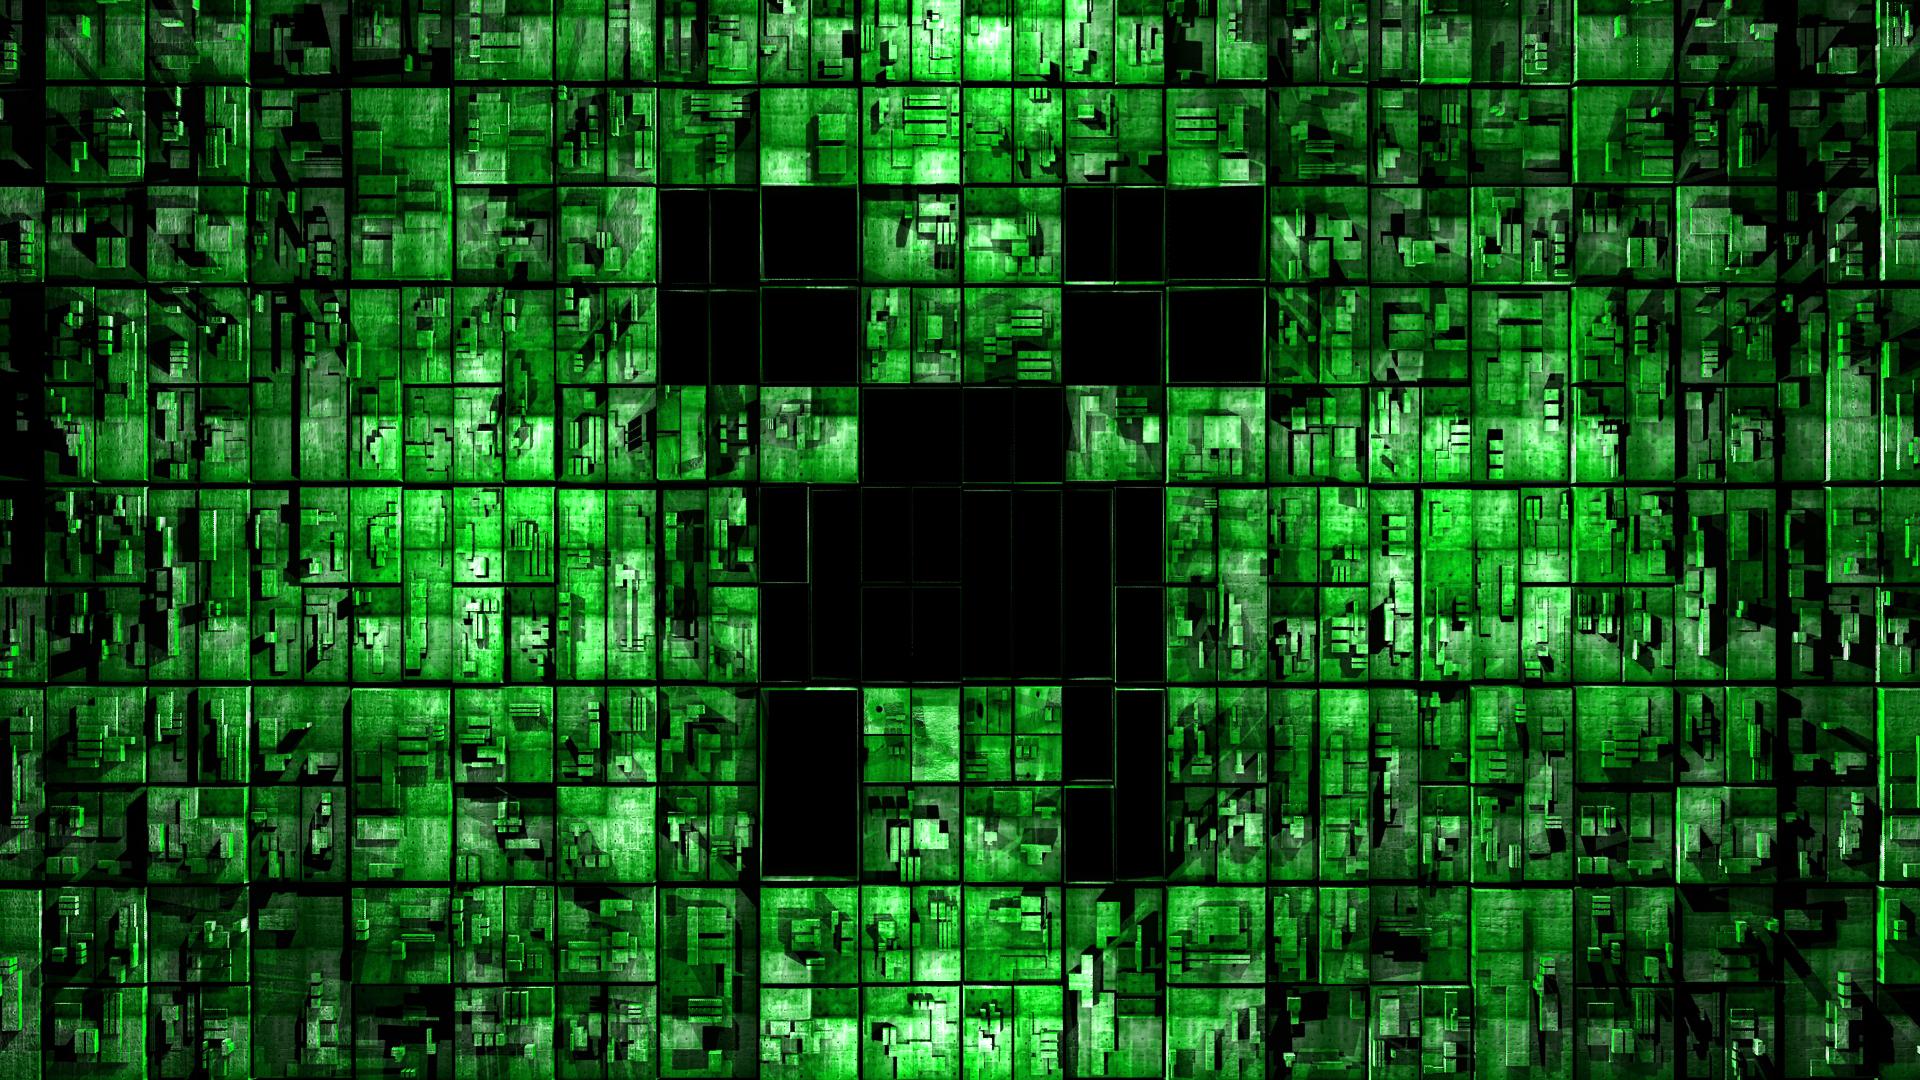 Minecraft Creeper Wallpaper Hd I3   1651224 1920x1080